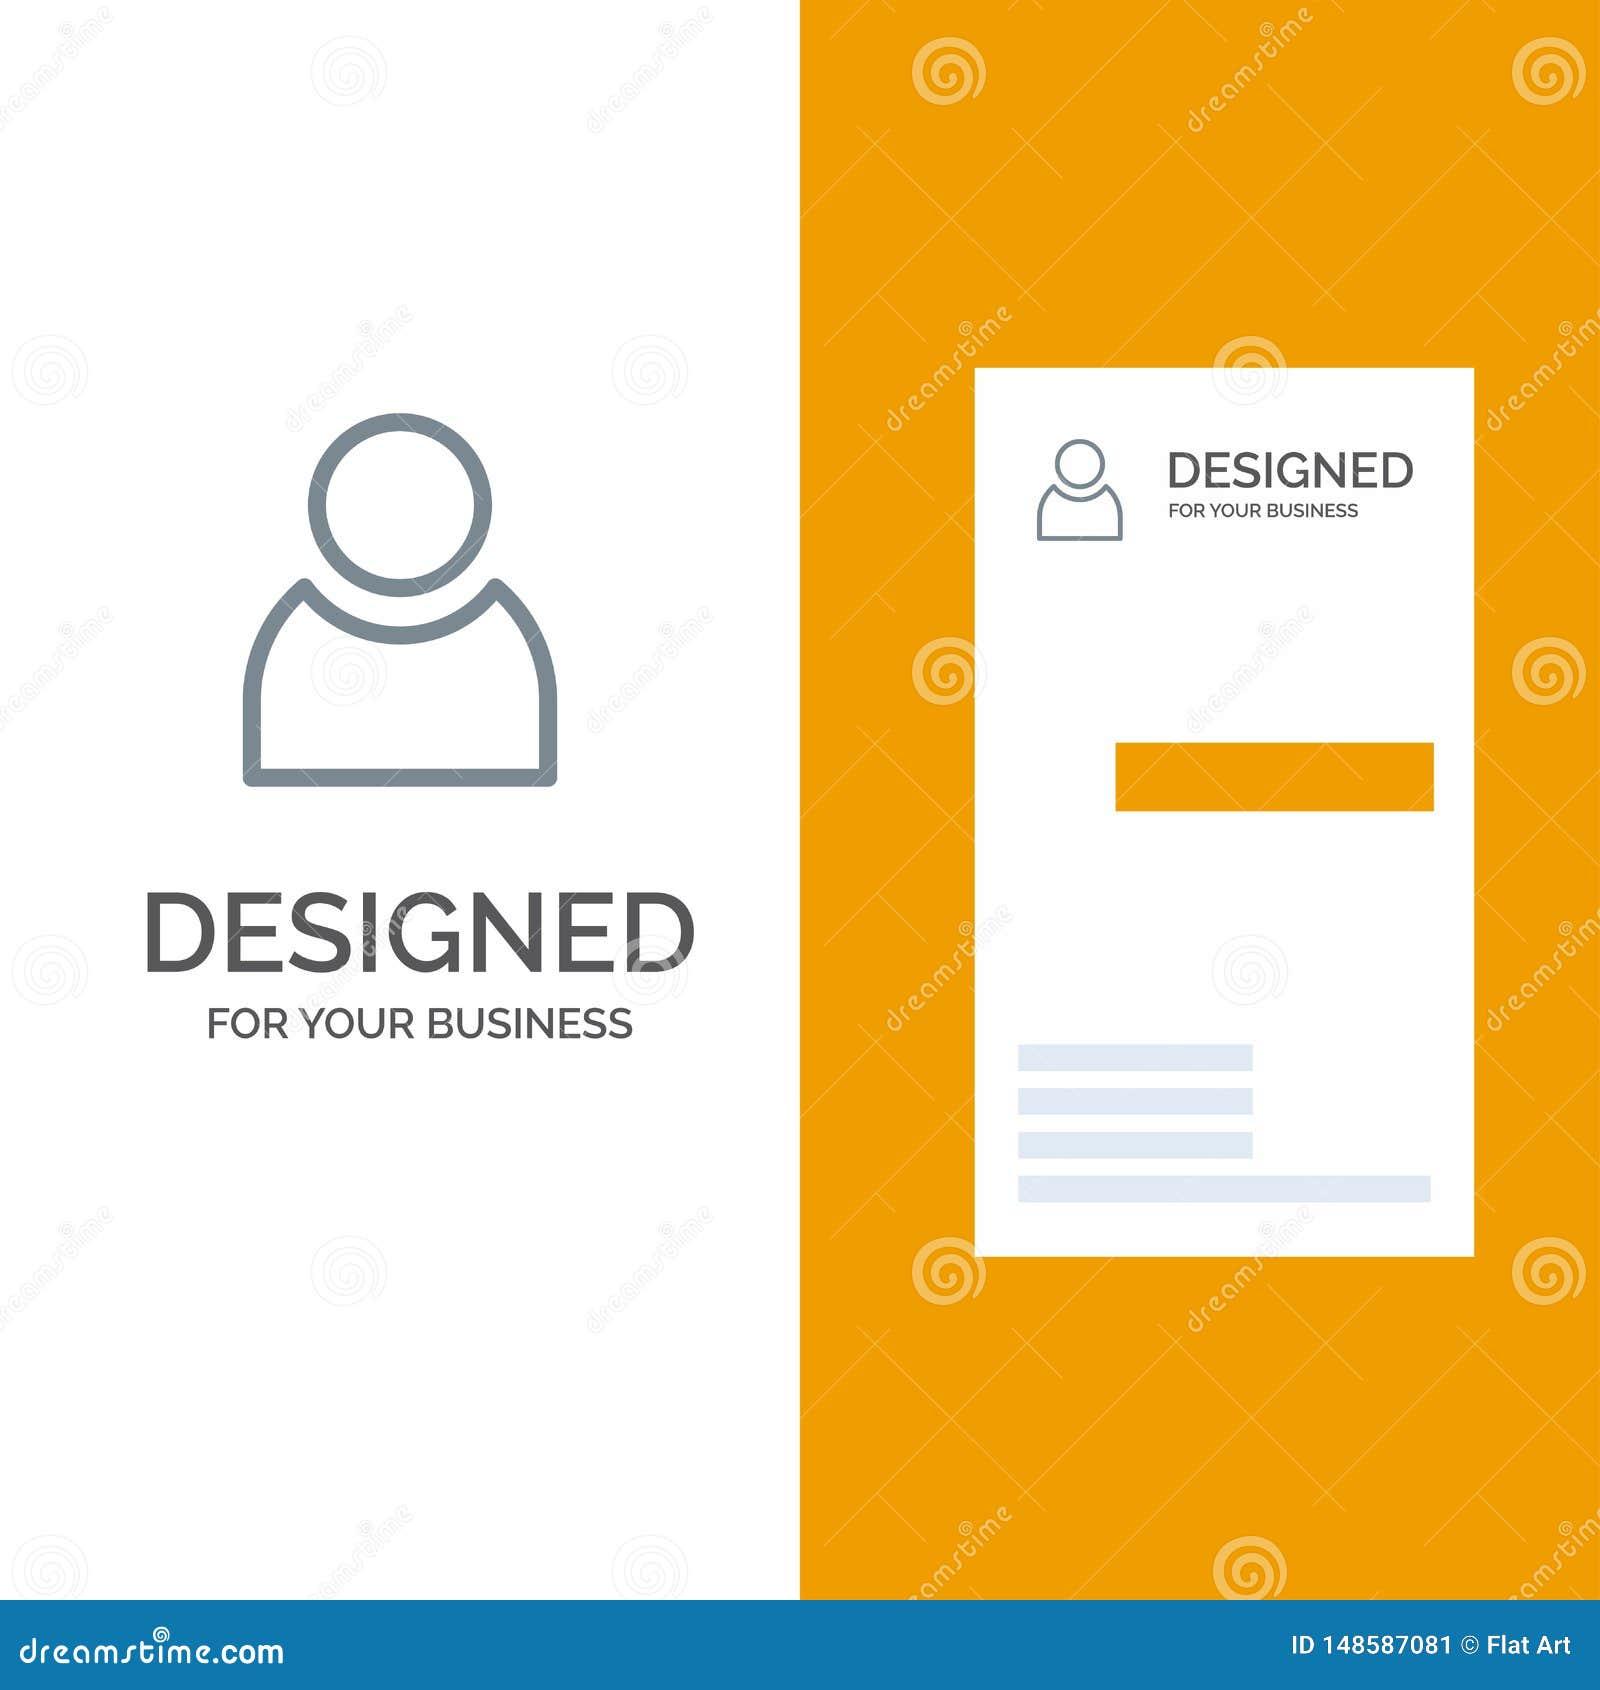 Είδωλο, χρήστης, βασικό γκρίζο σχέδιο λογότυπων και πρότυπο επαγγελματικών καρτών